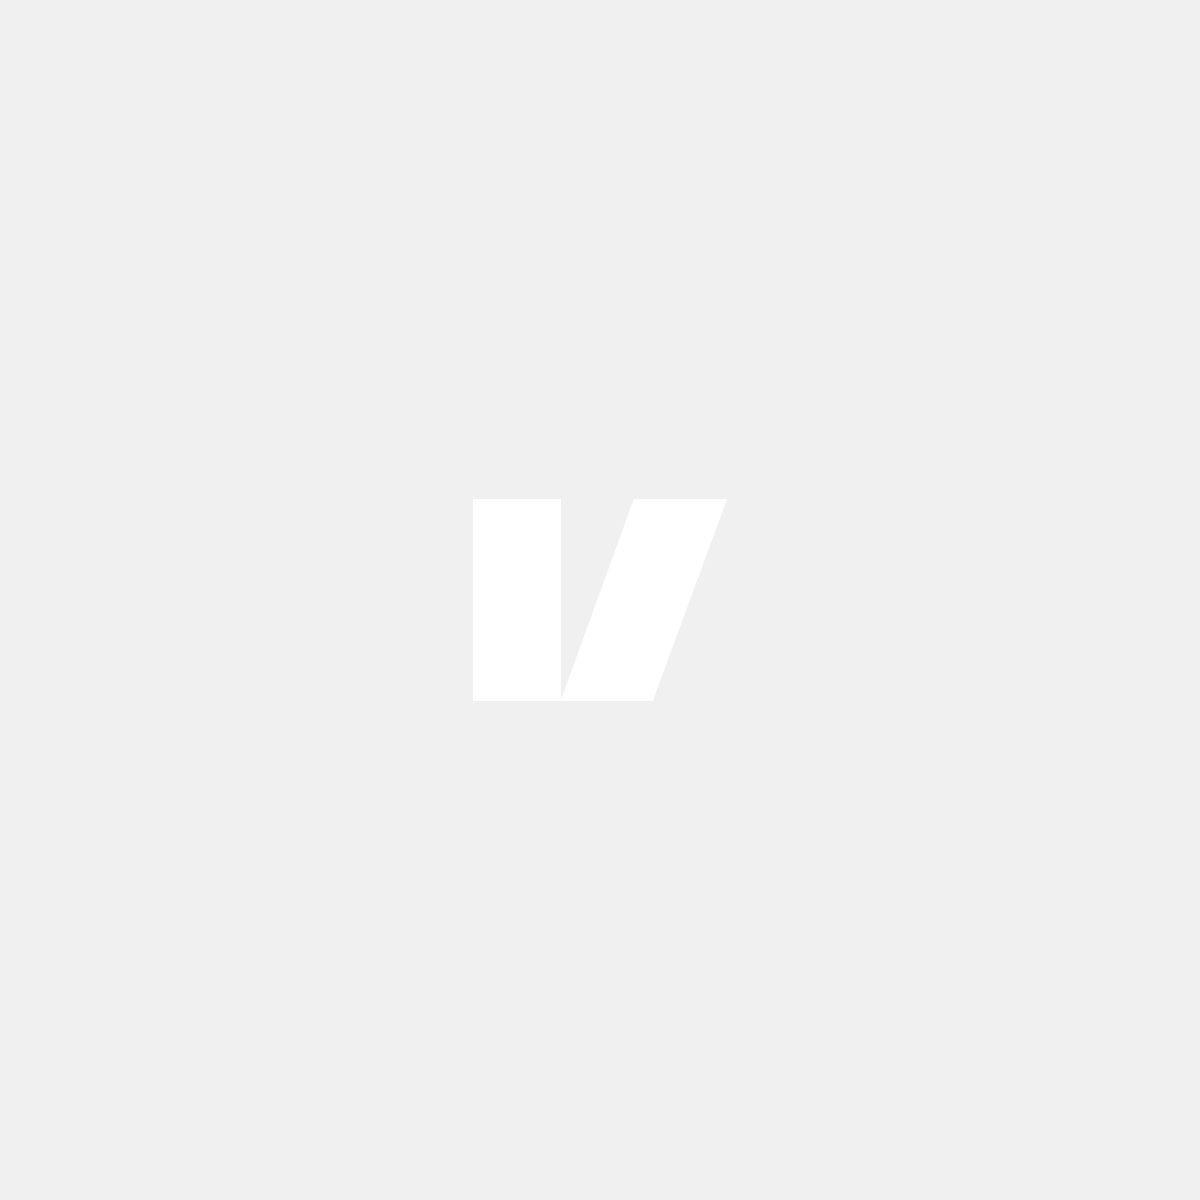 Lasthållare / takräcke med vingprofil till Volvo V70, XC70, 08-